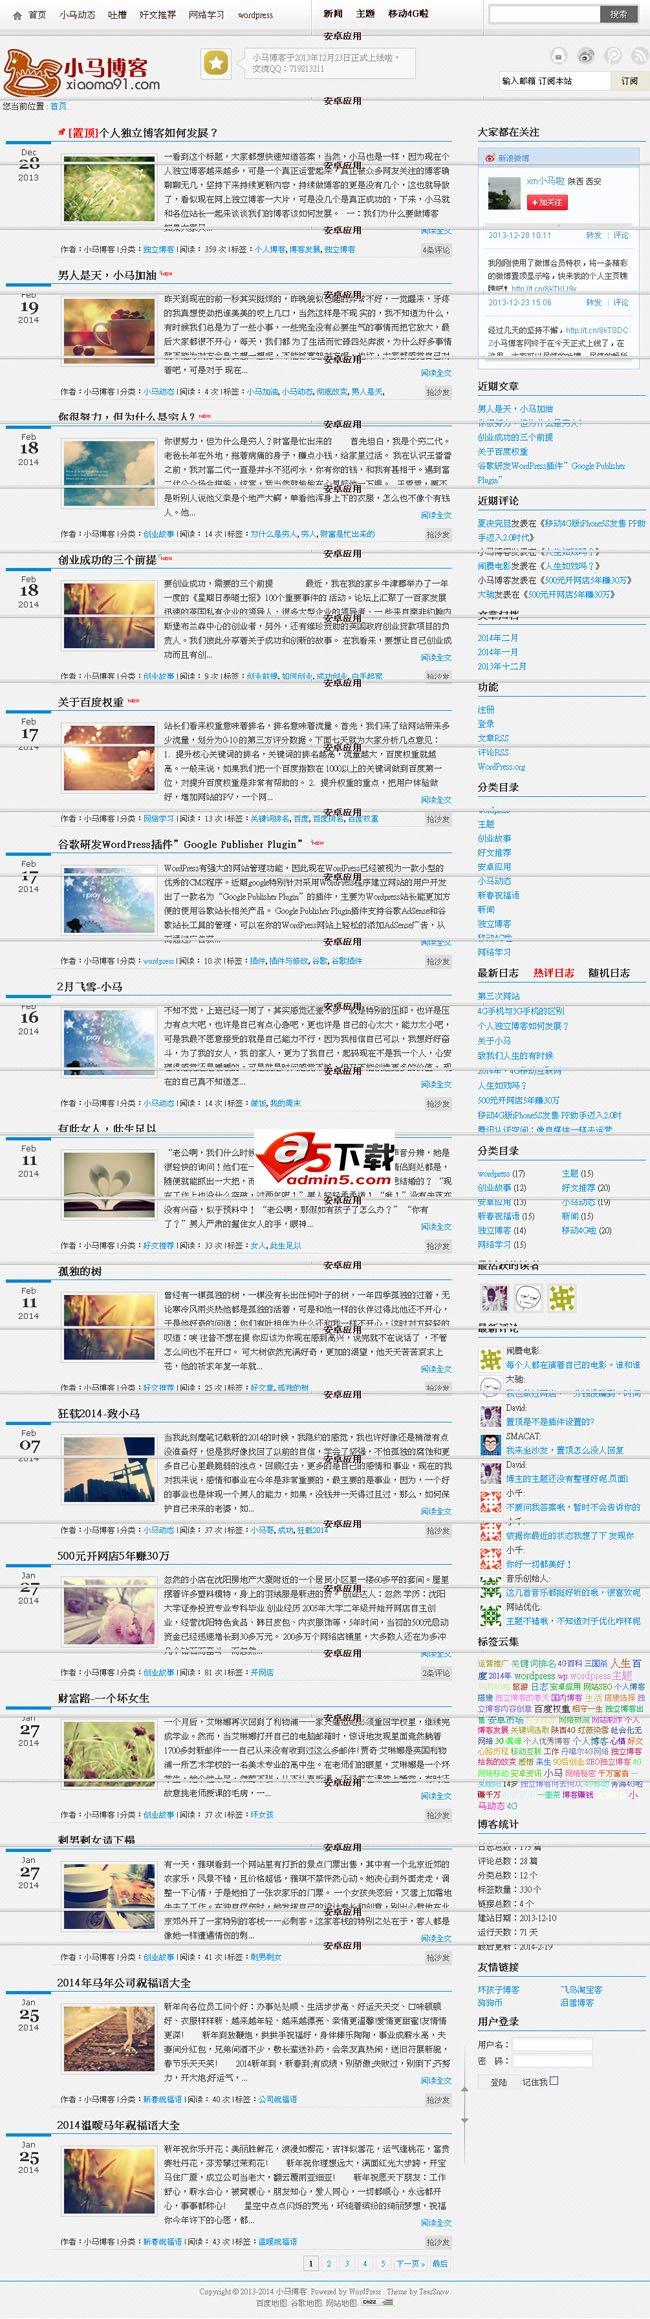 小马博客主题 v3.8 wordpress主题